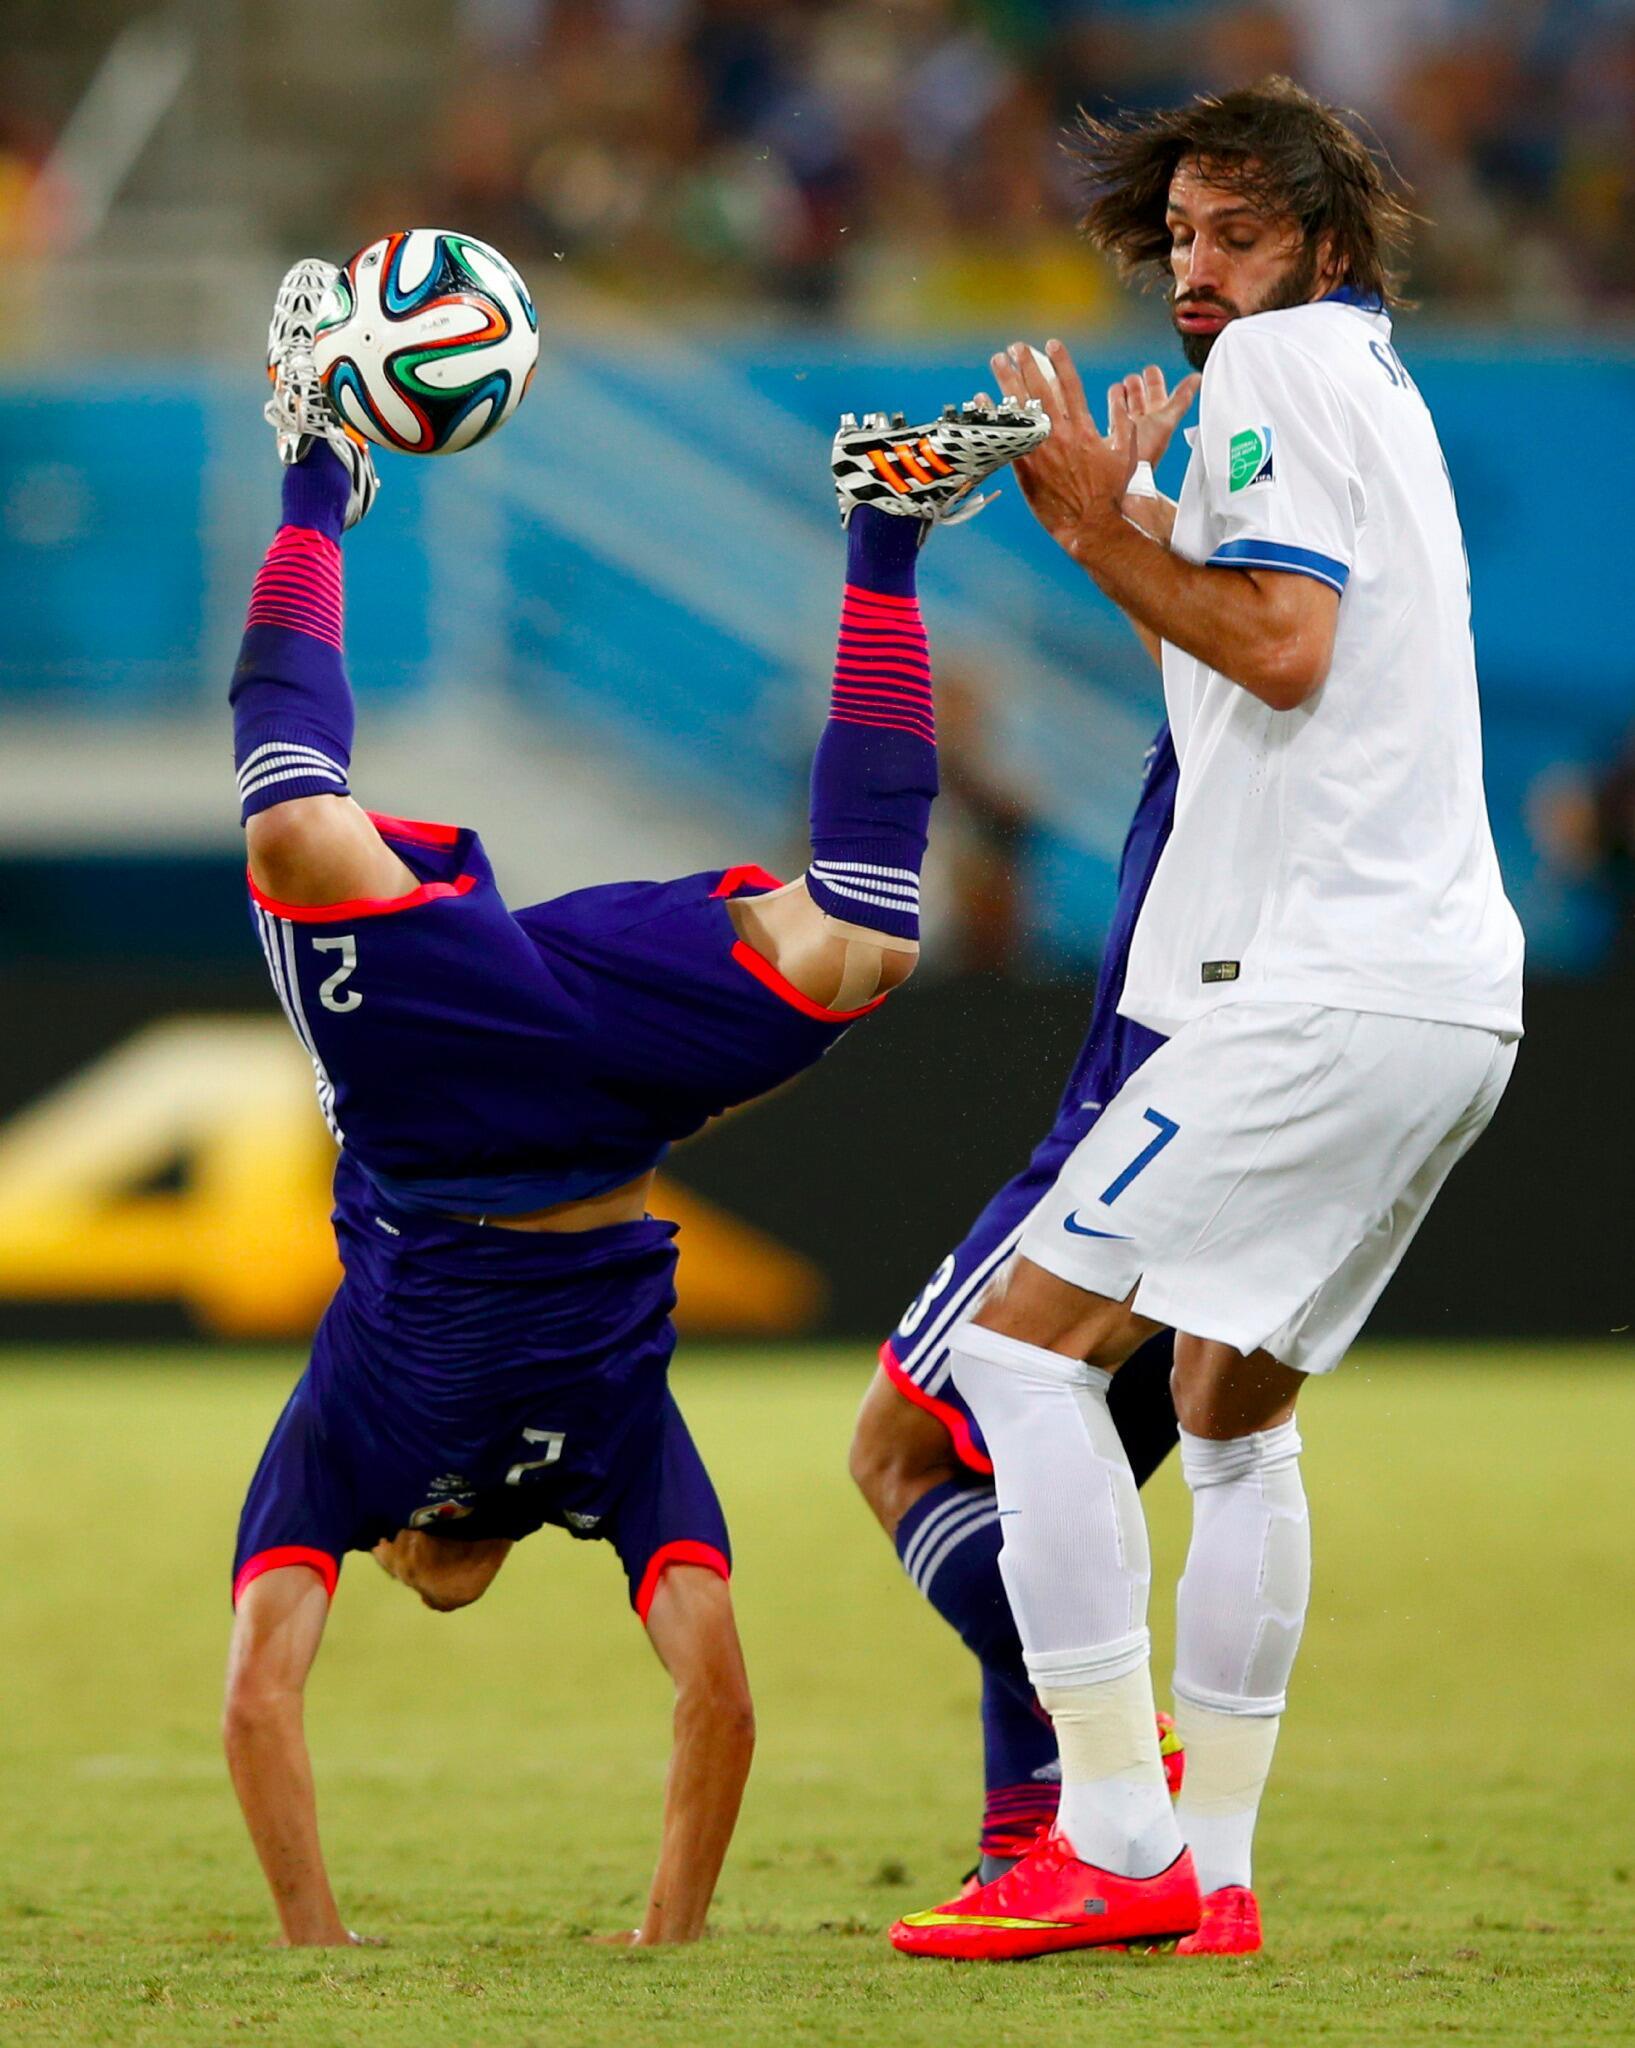 Прикольные картинки о футболе